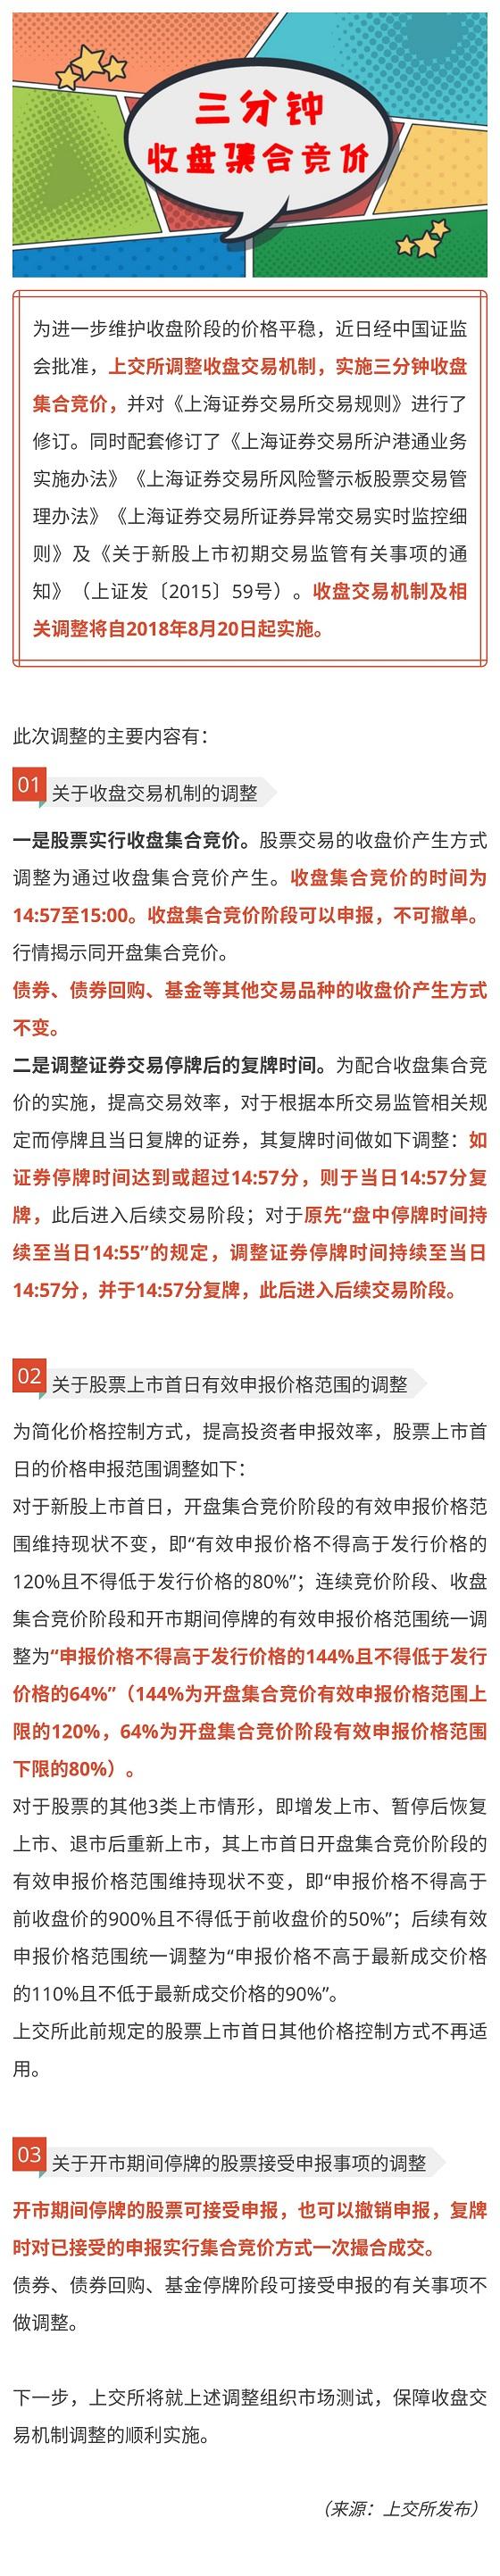 上交所调整收盘交易机制 8月20日起实施.jpg